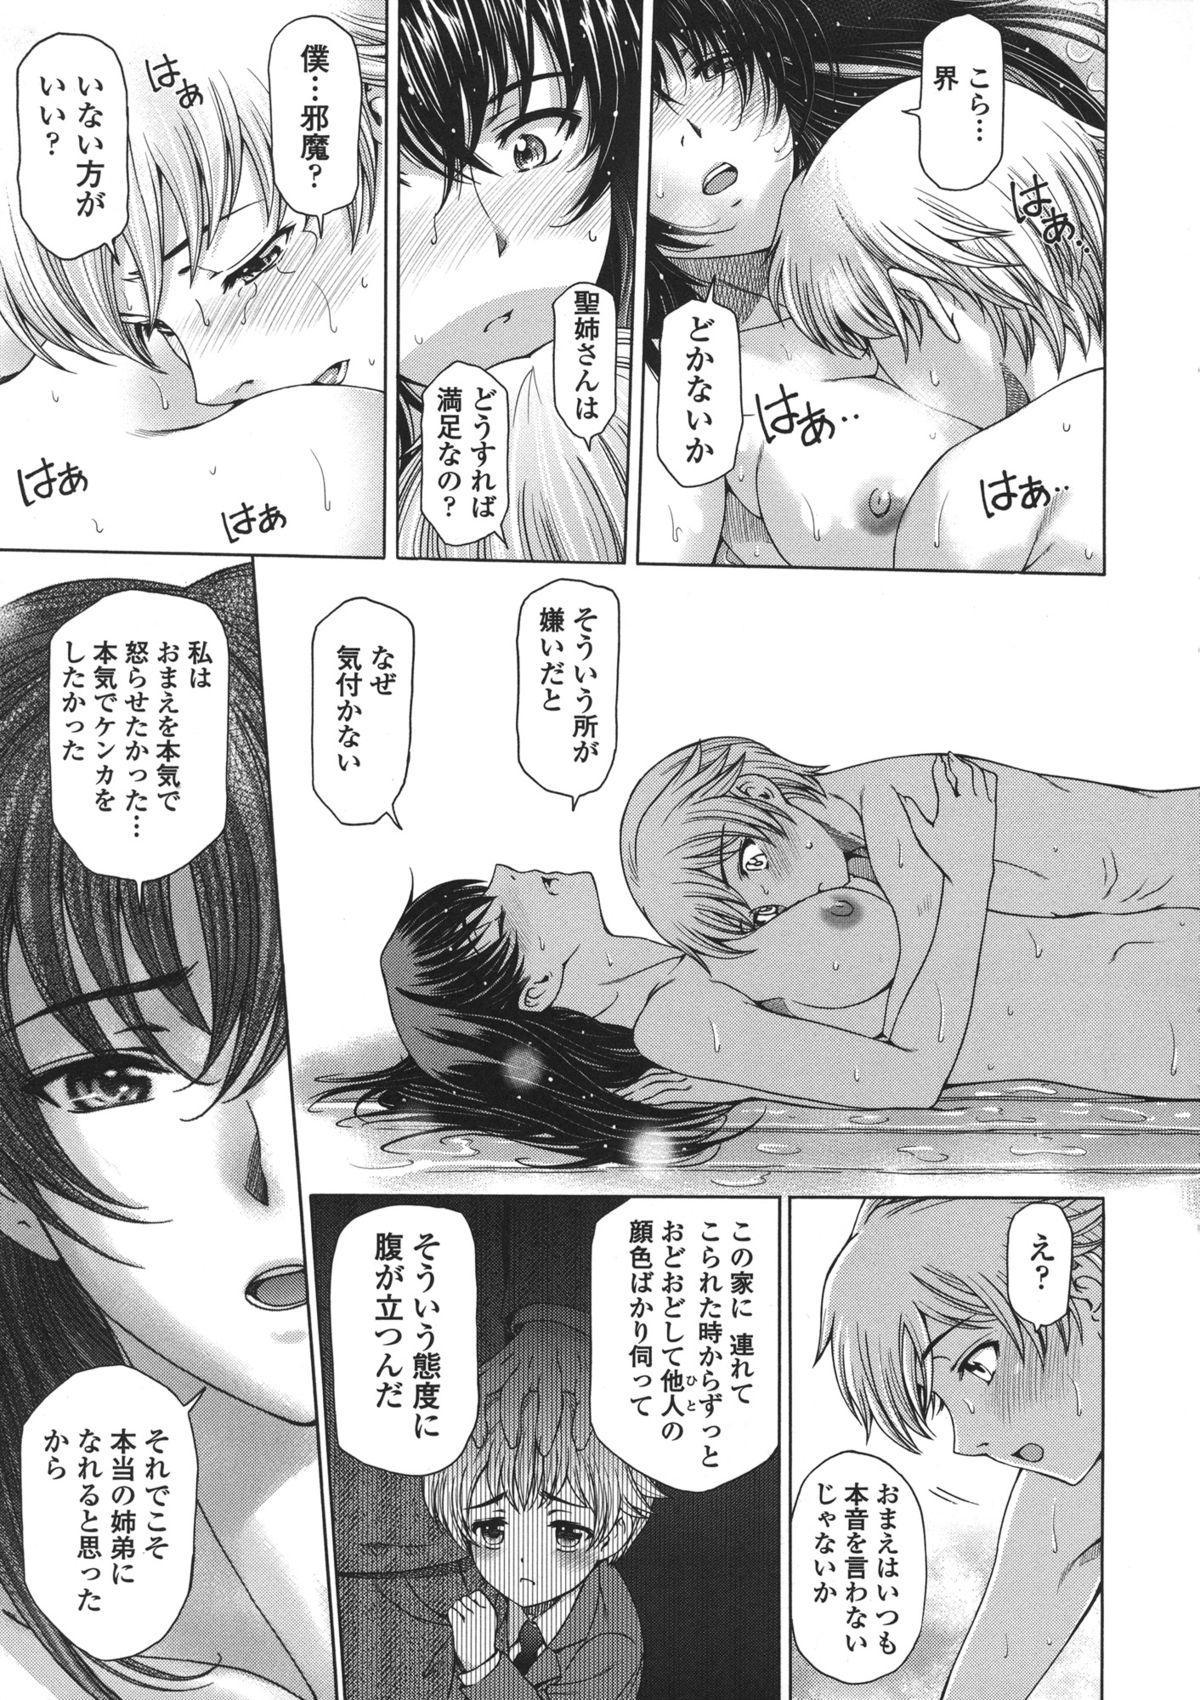 Ane wa Shota o Suki ni Naru 53